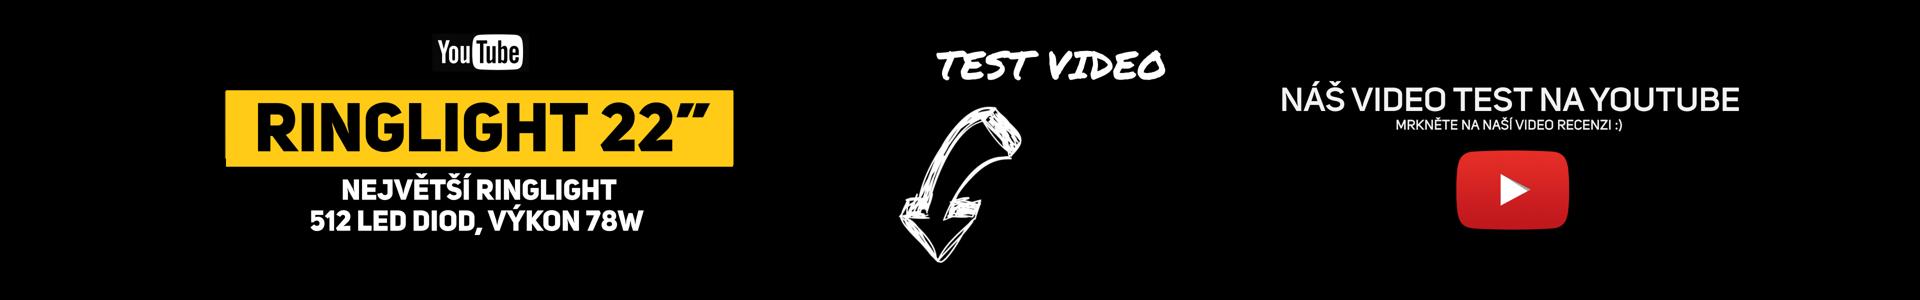 video_ringlight